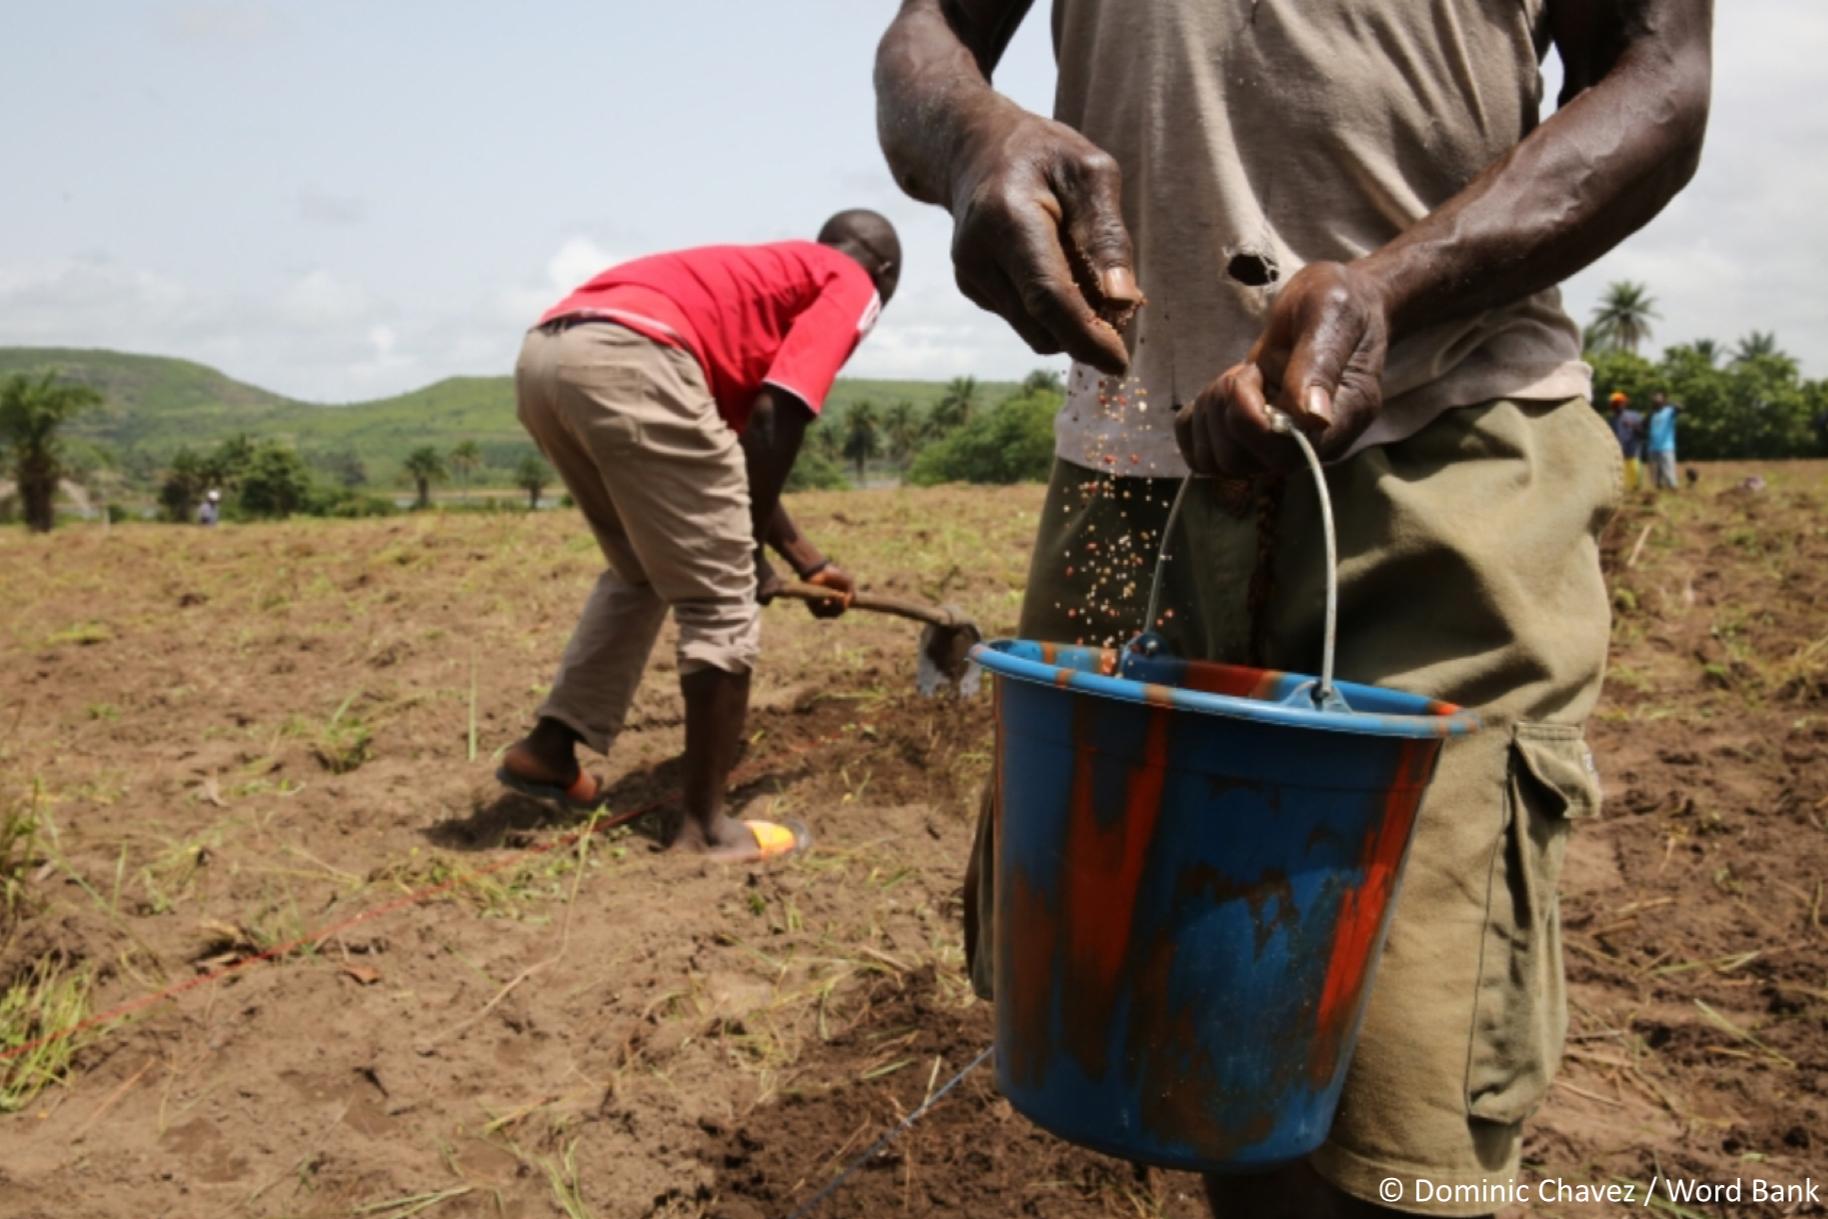 Le Covid-19 en Afrique de l'Ouest, quel impact sur l'inclusion financière?